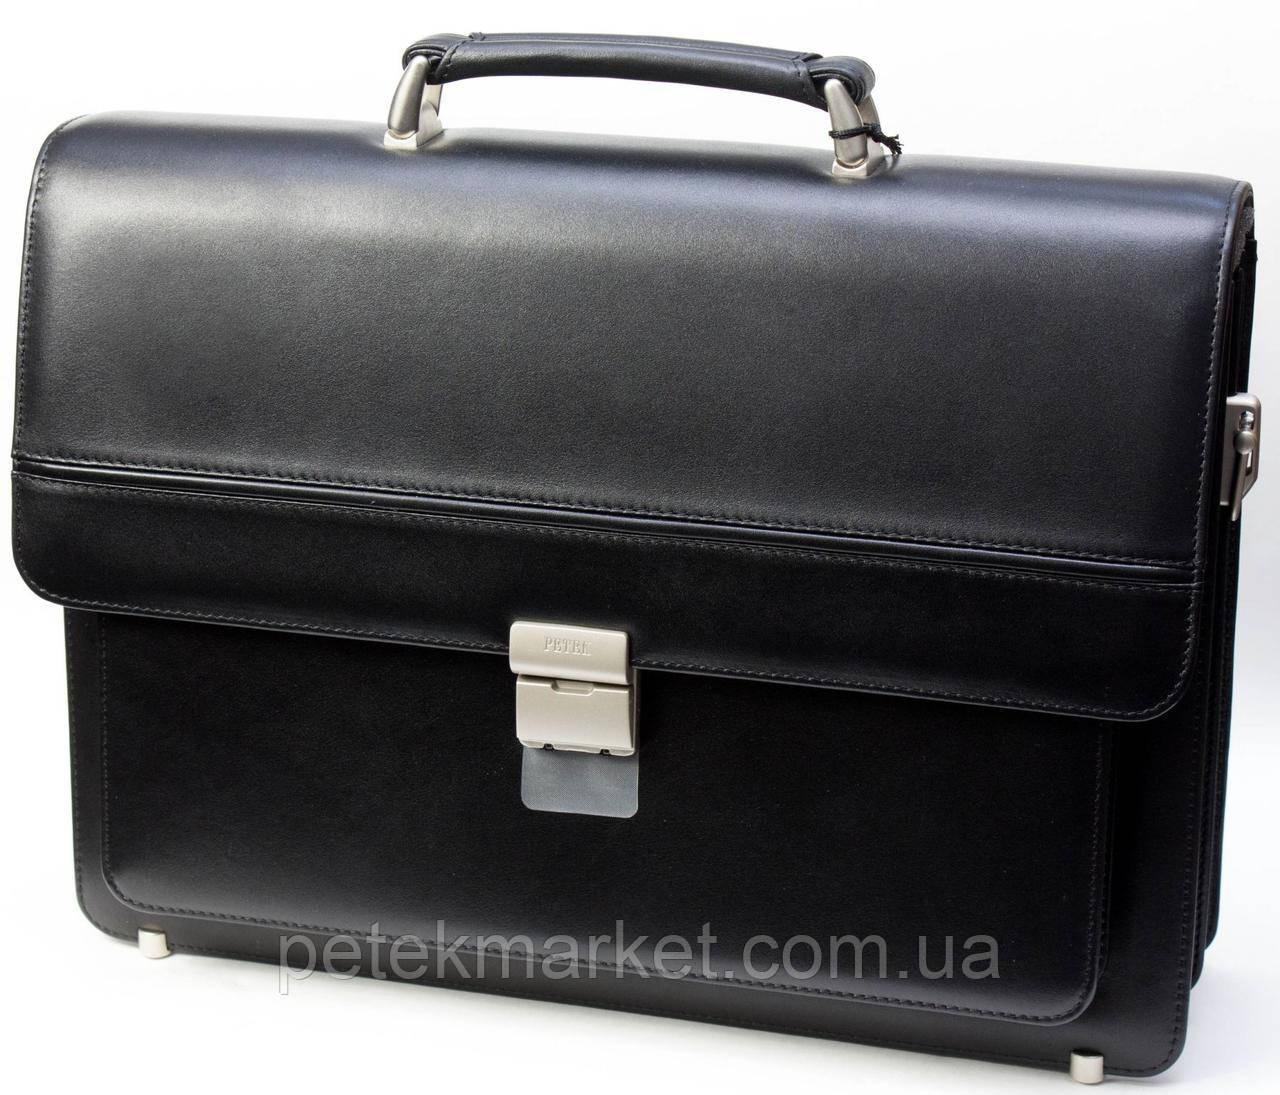 Портфель мужской PETEK 854 Черный (854-000-01)